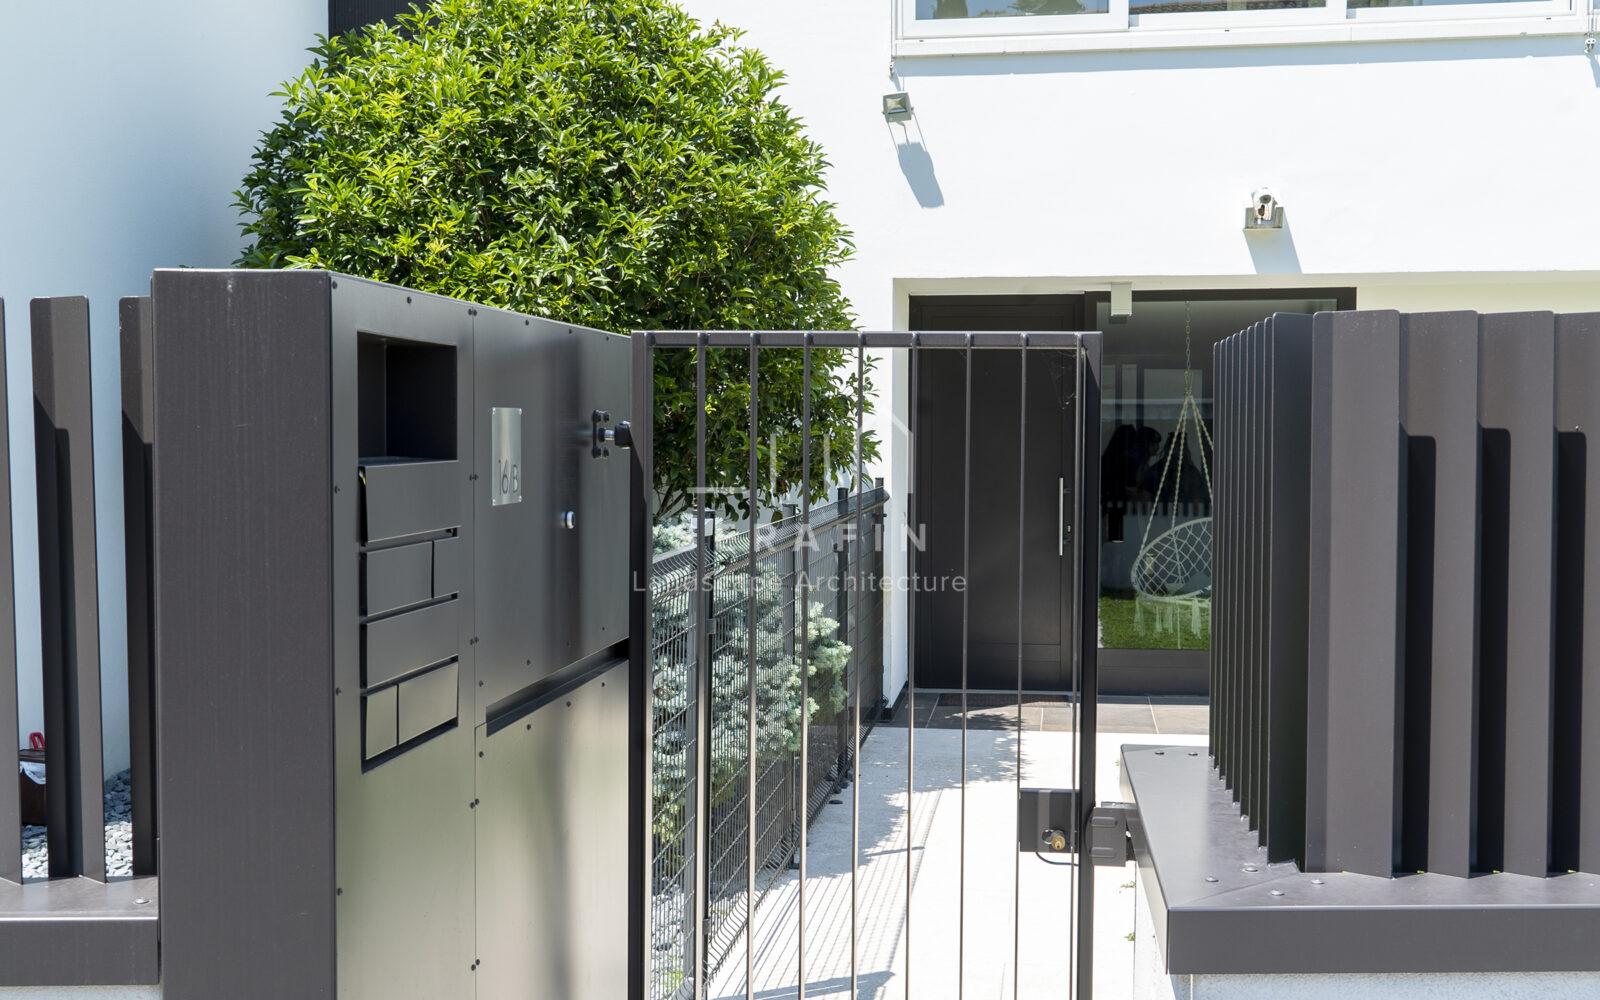 progettazione di un giardino privato a Sacile - 11